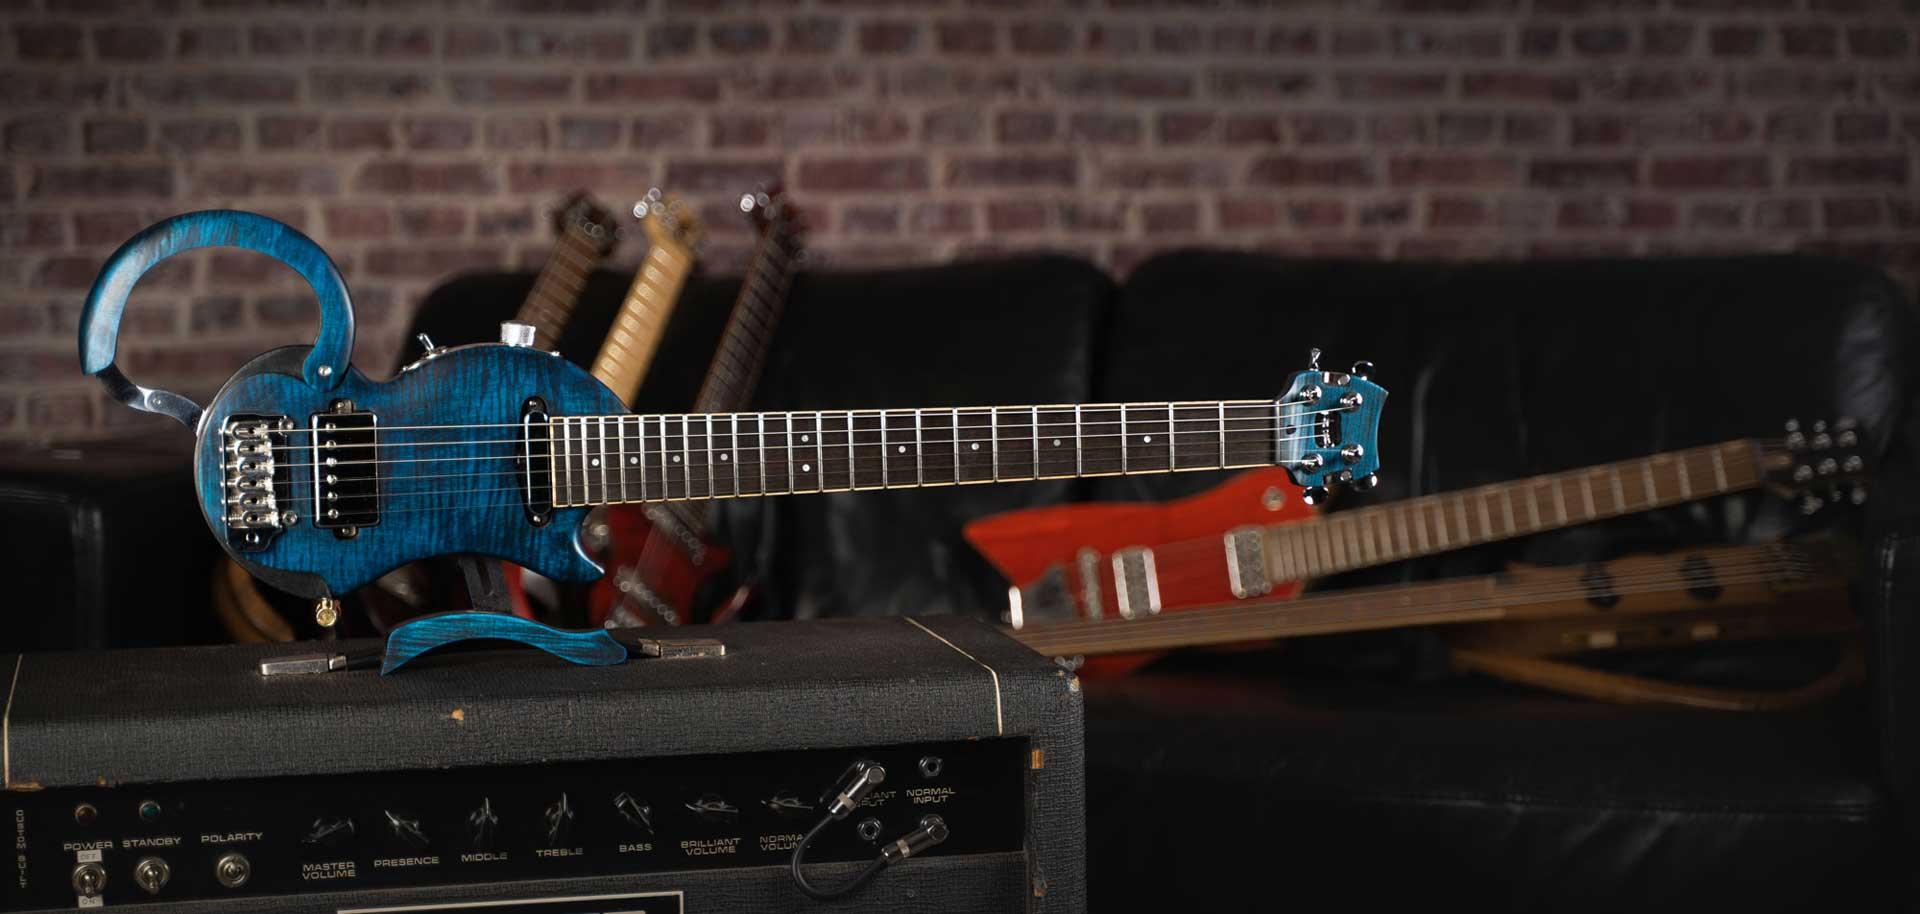 tourbus-prestige-travel-electric-guitar-guitare-de-voyage-electrique